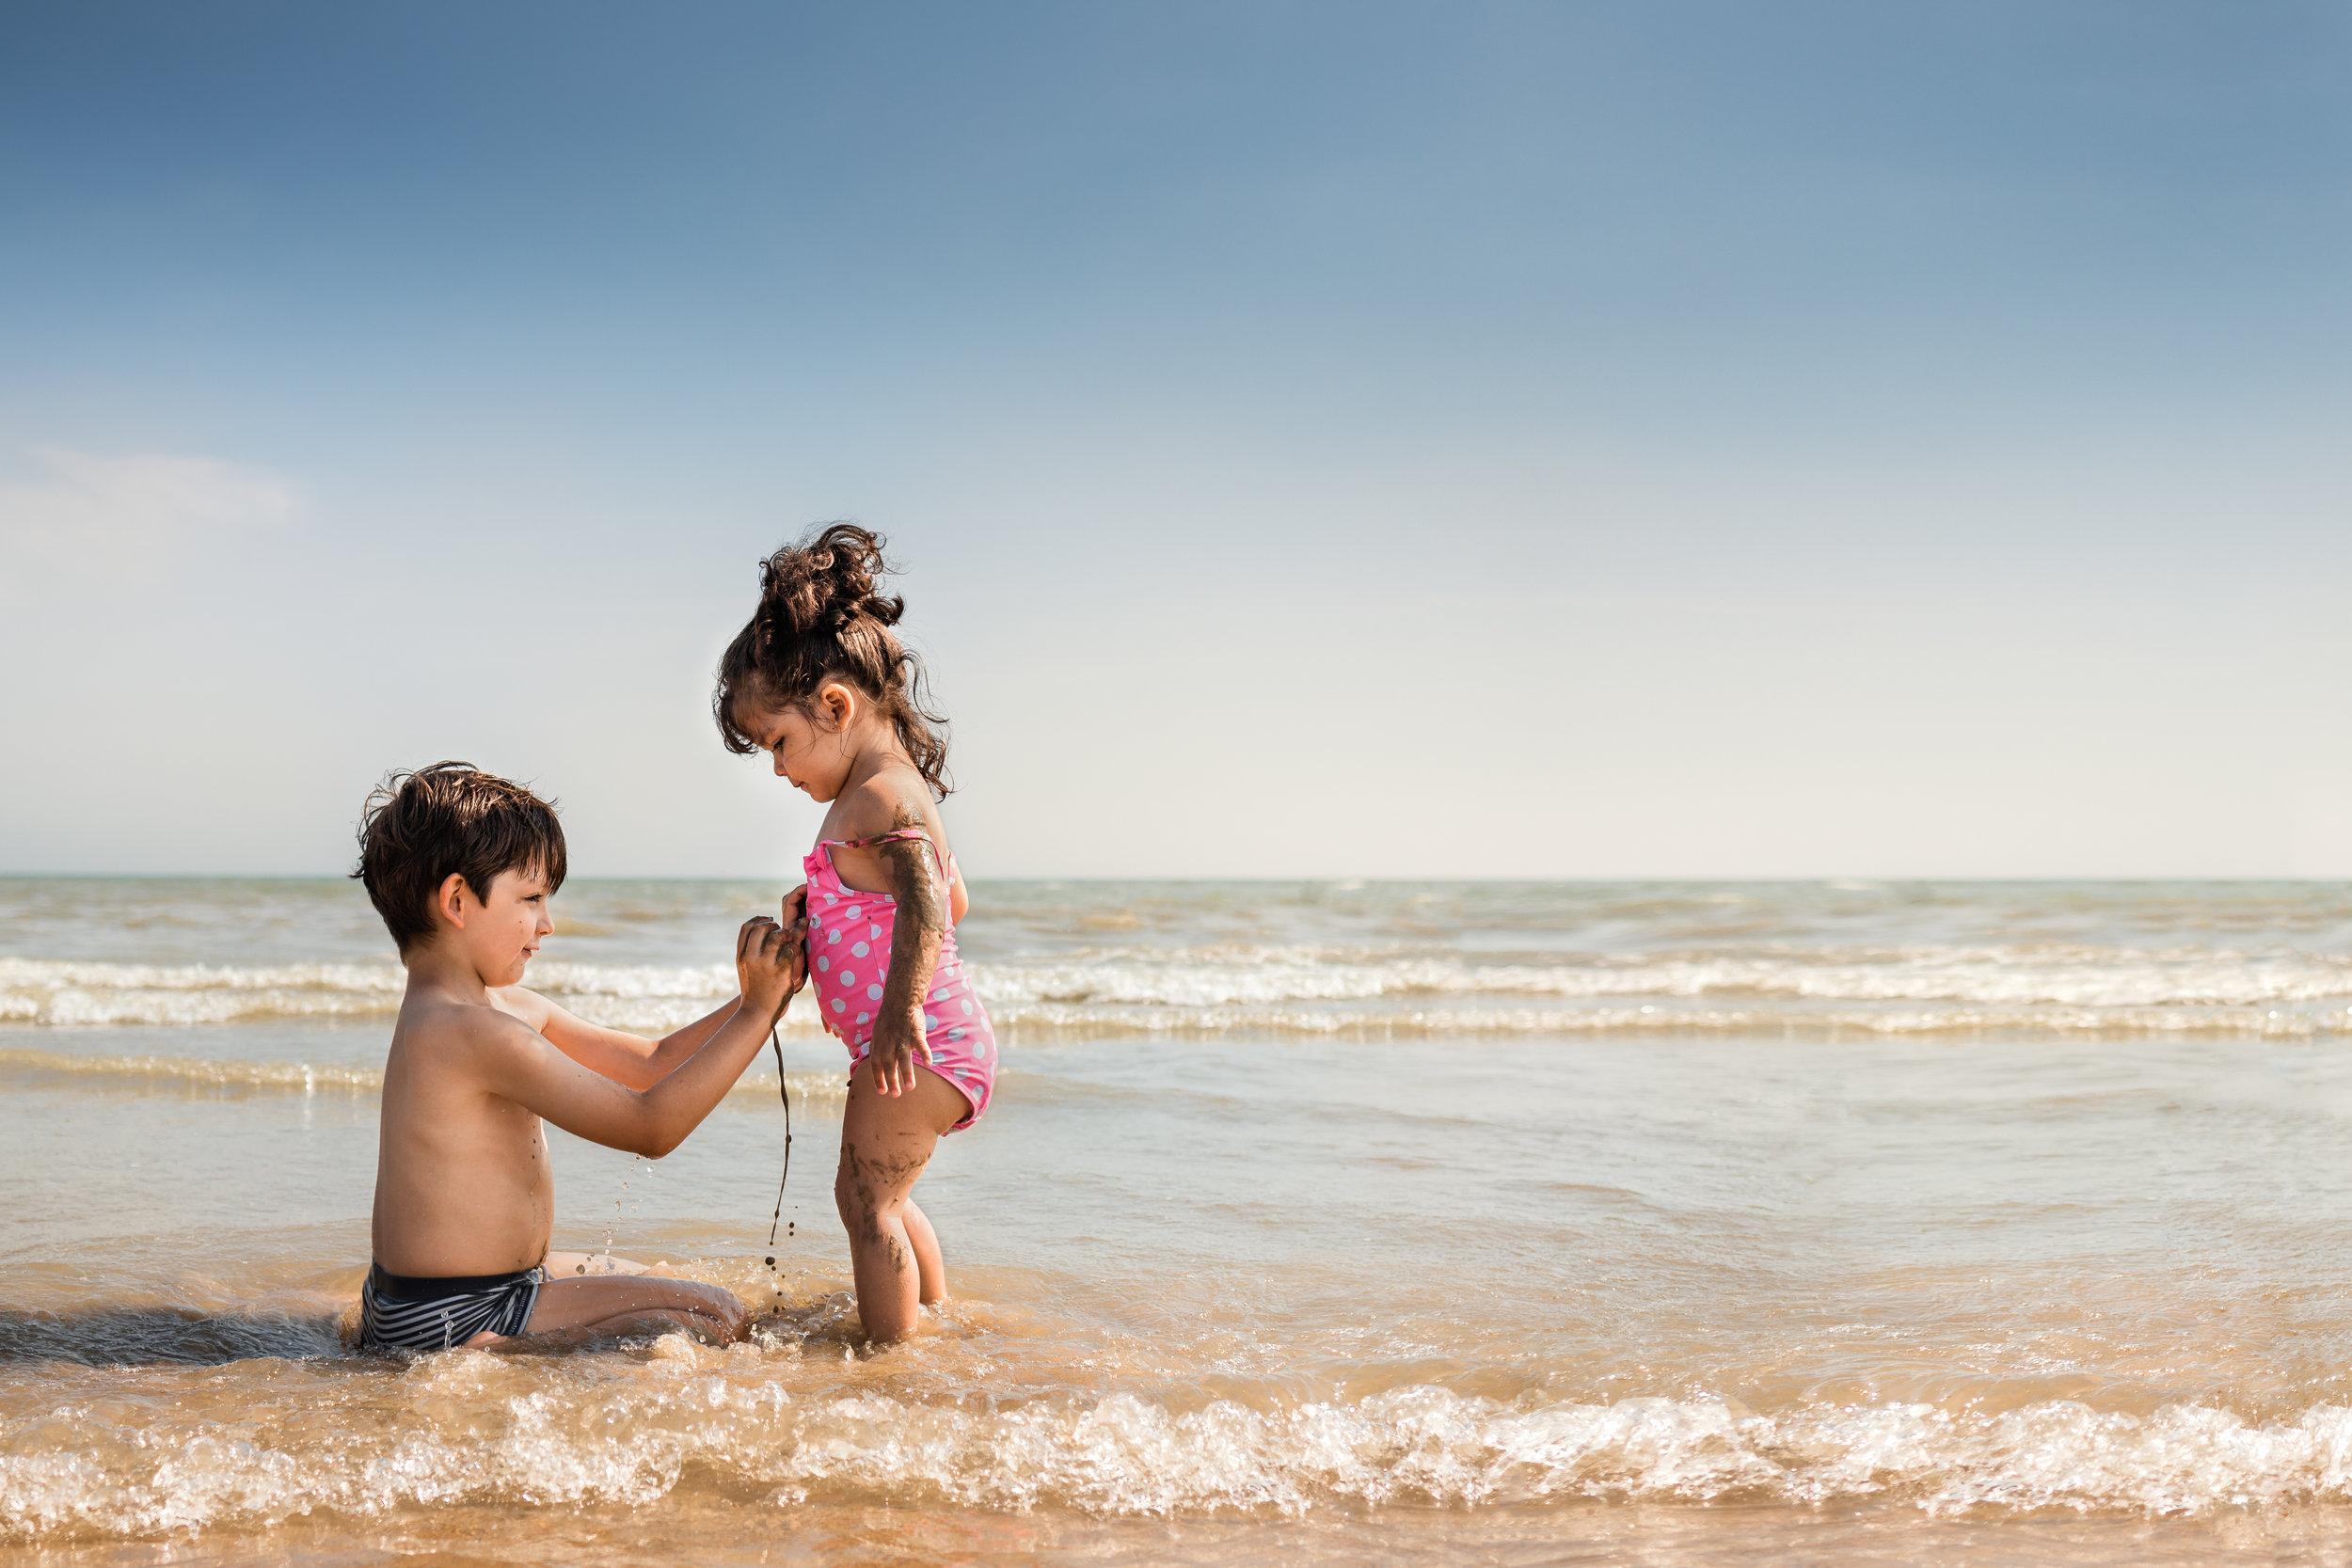 Beach Kids Camber Sands 01.jpg